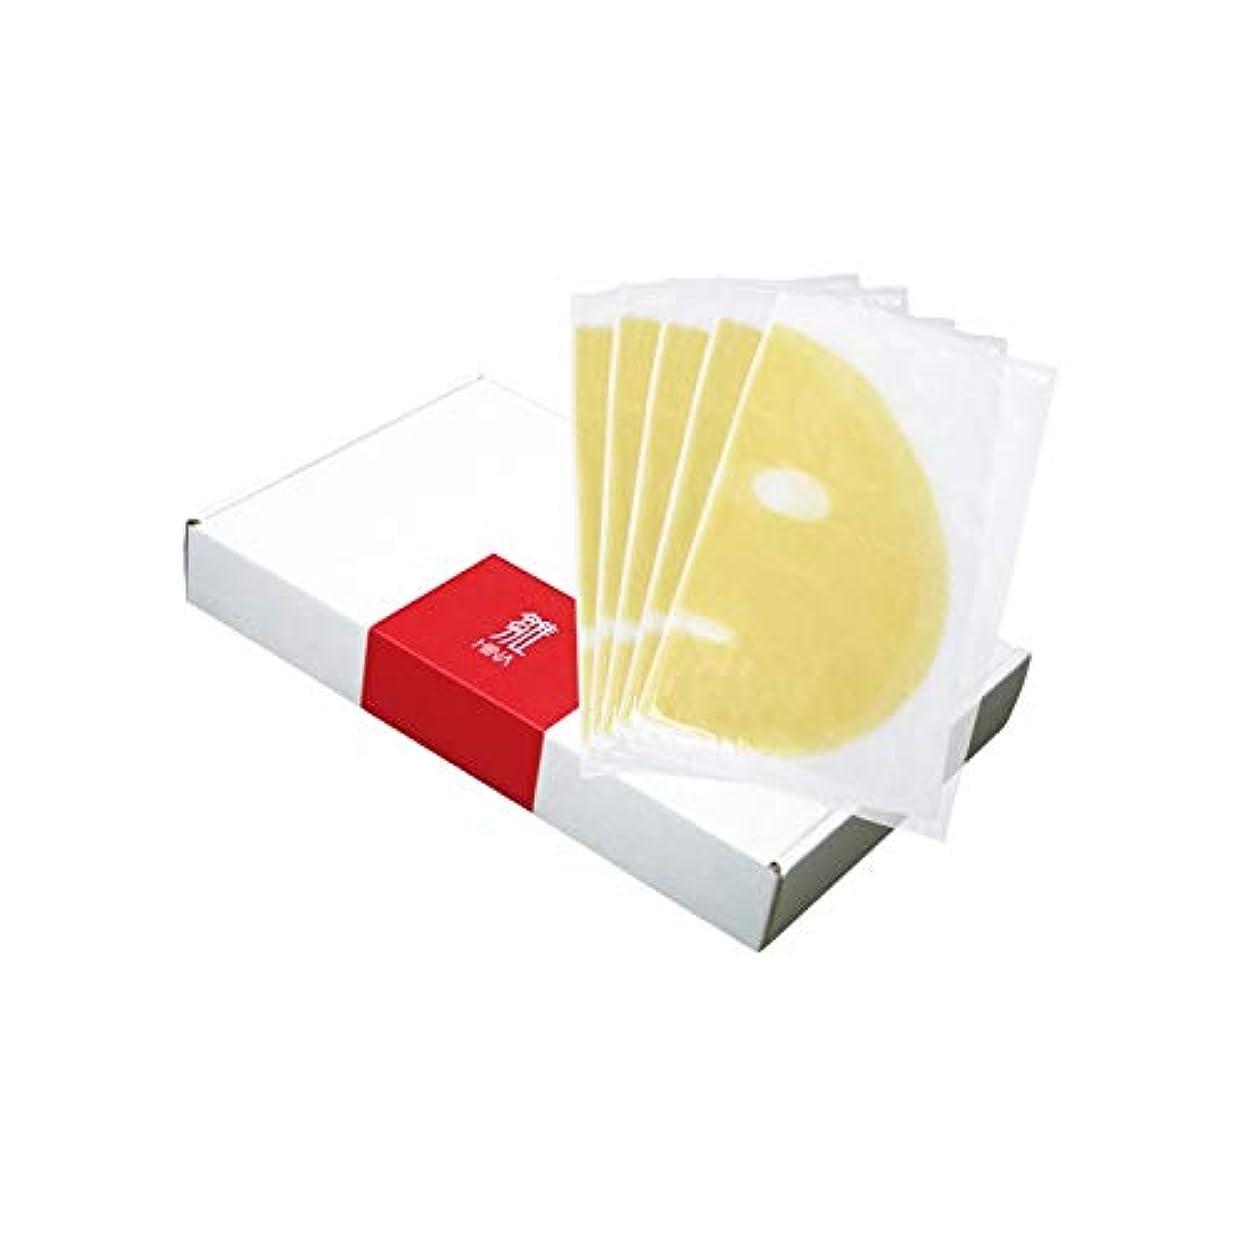 雛(HIINA) 天然生ゆばパック 1箱5枚入り(要冷凍)